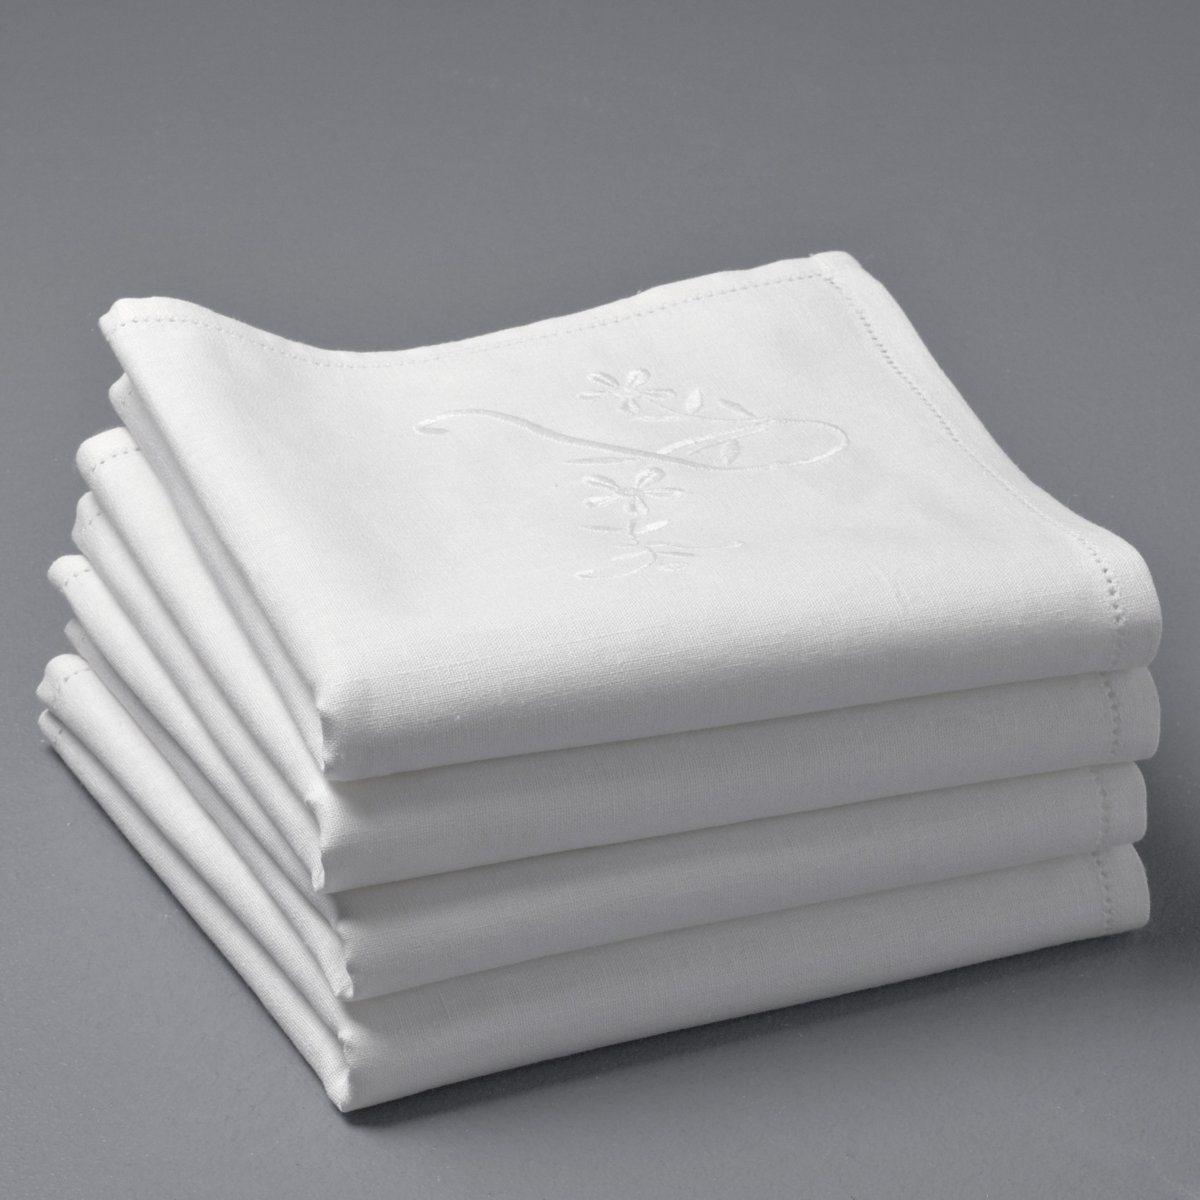 4 салфетки Монограмма4 салфетки Монограмма из смесовой ткани с вышивкой в тон. Романтичный шик в духе прошлых лет! Мягкий и прочный материал из 55% льна и 45% хлопка. Вышитая монограмма L с цветочным узором. Стирка при 40°. 45 х 45 см.<br><br>Цвет: белый<br>Размер: 45 x 45  см